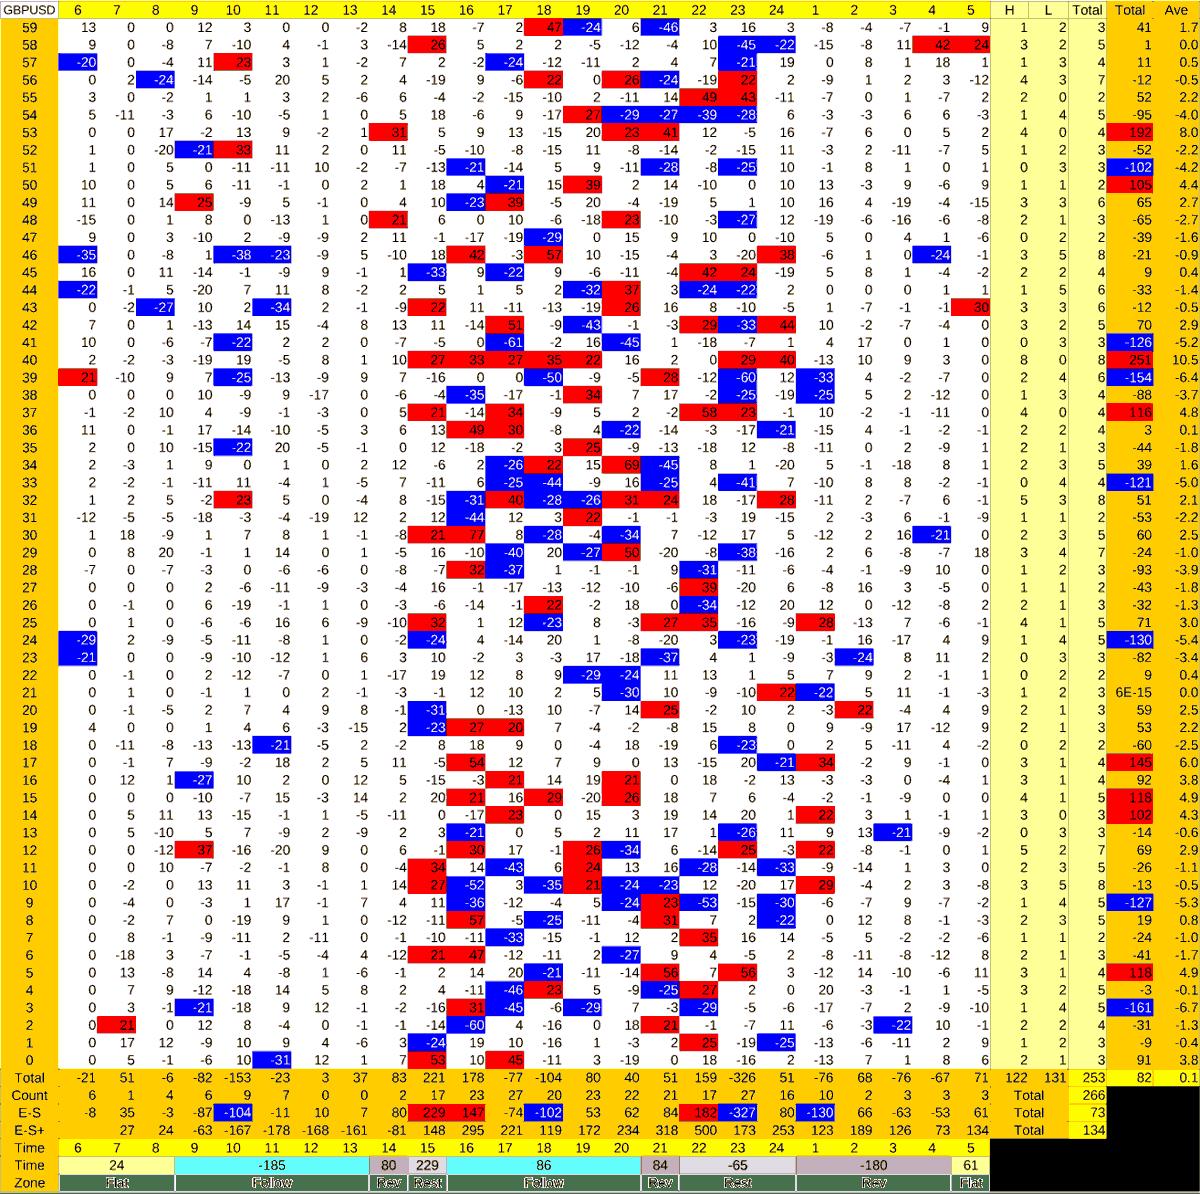 20210623_HS(2)GBPUSD